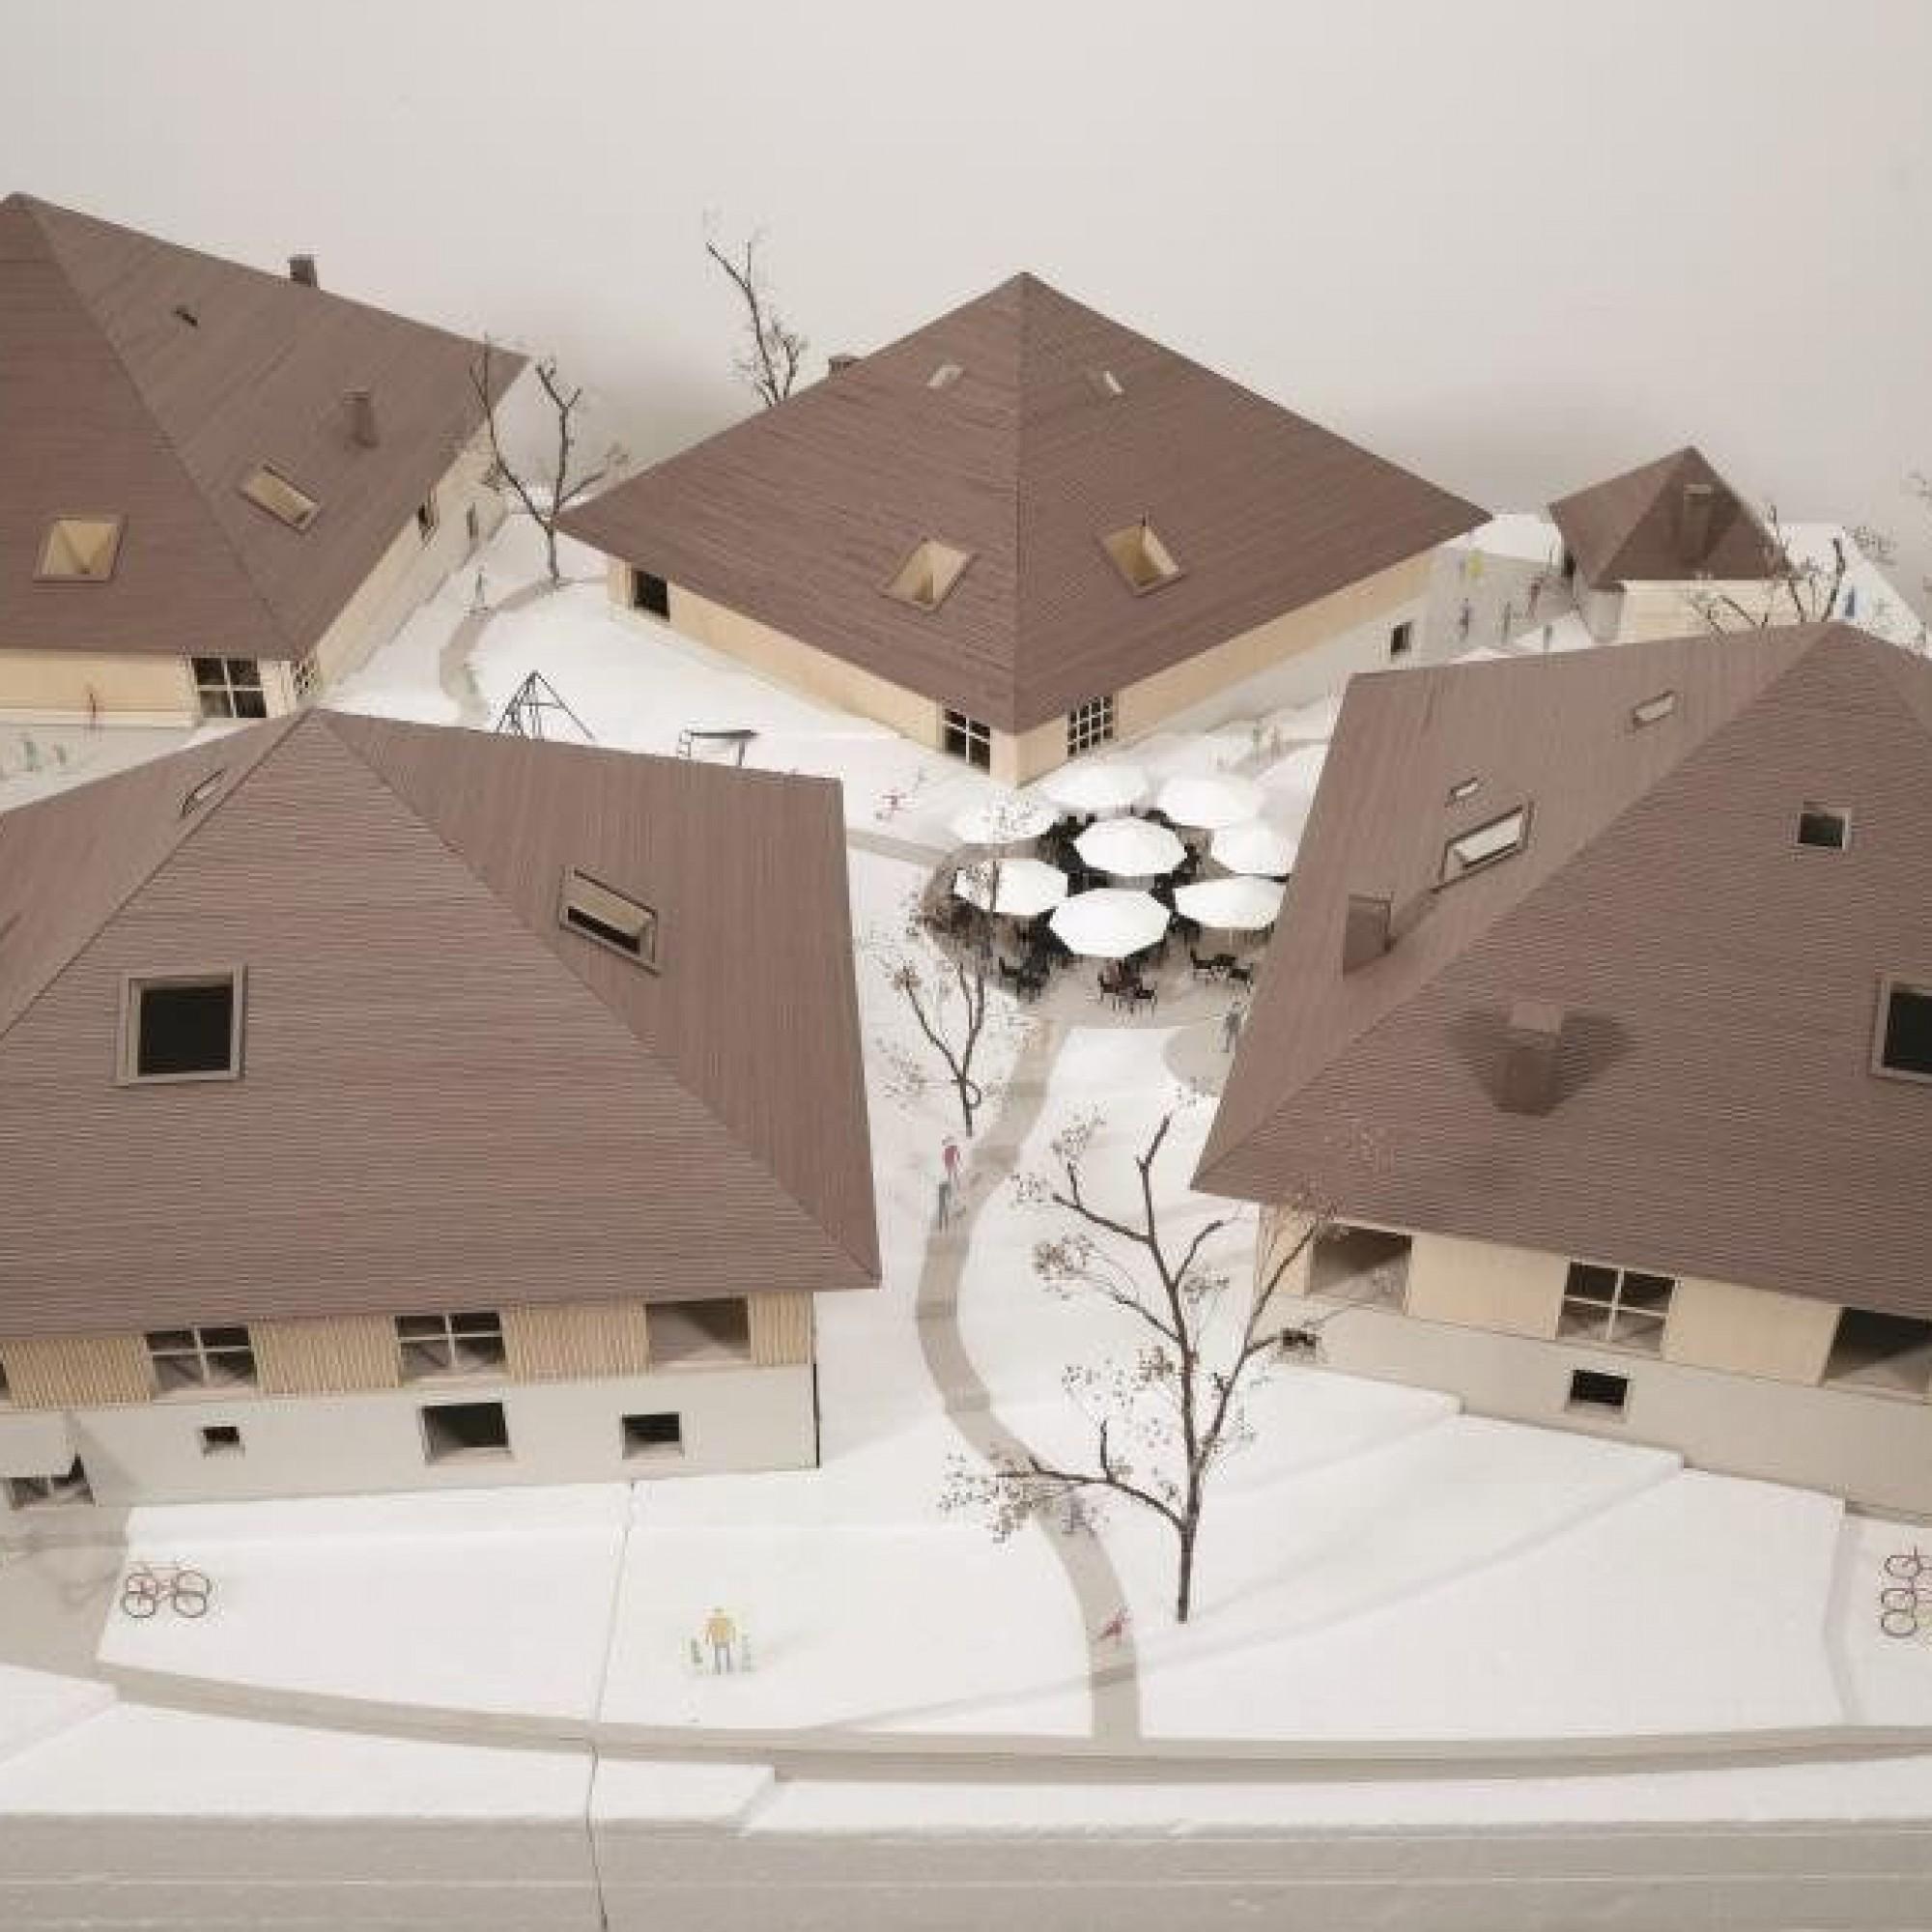 La future Maison de La Gruyère se présentera sous la forme de quatre pavillons dont la toiture sera habillée de tavillons de bois.